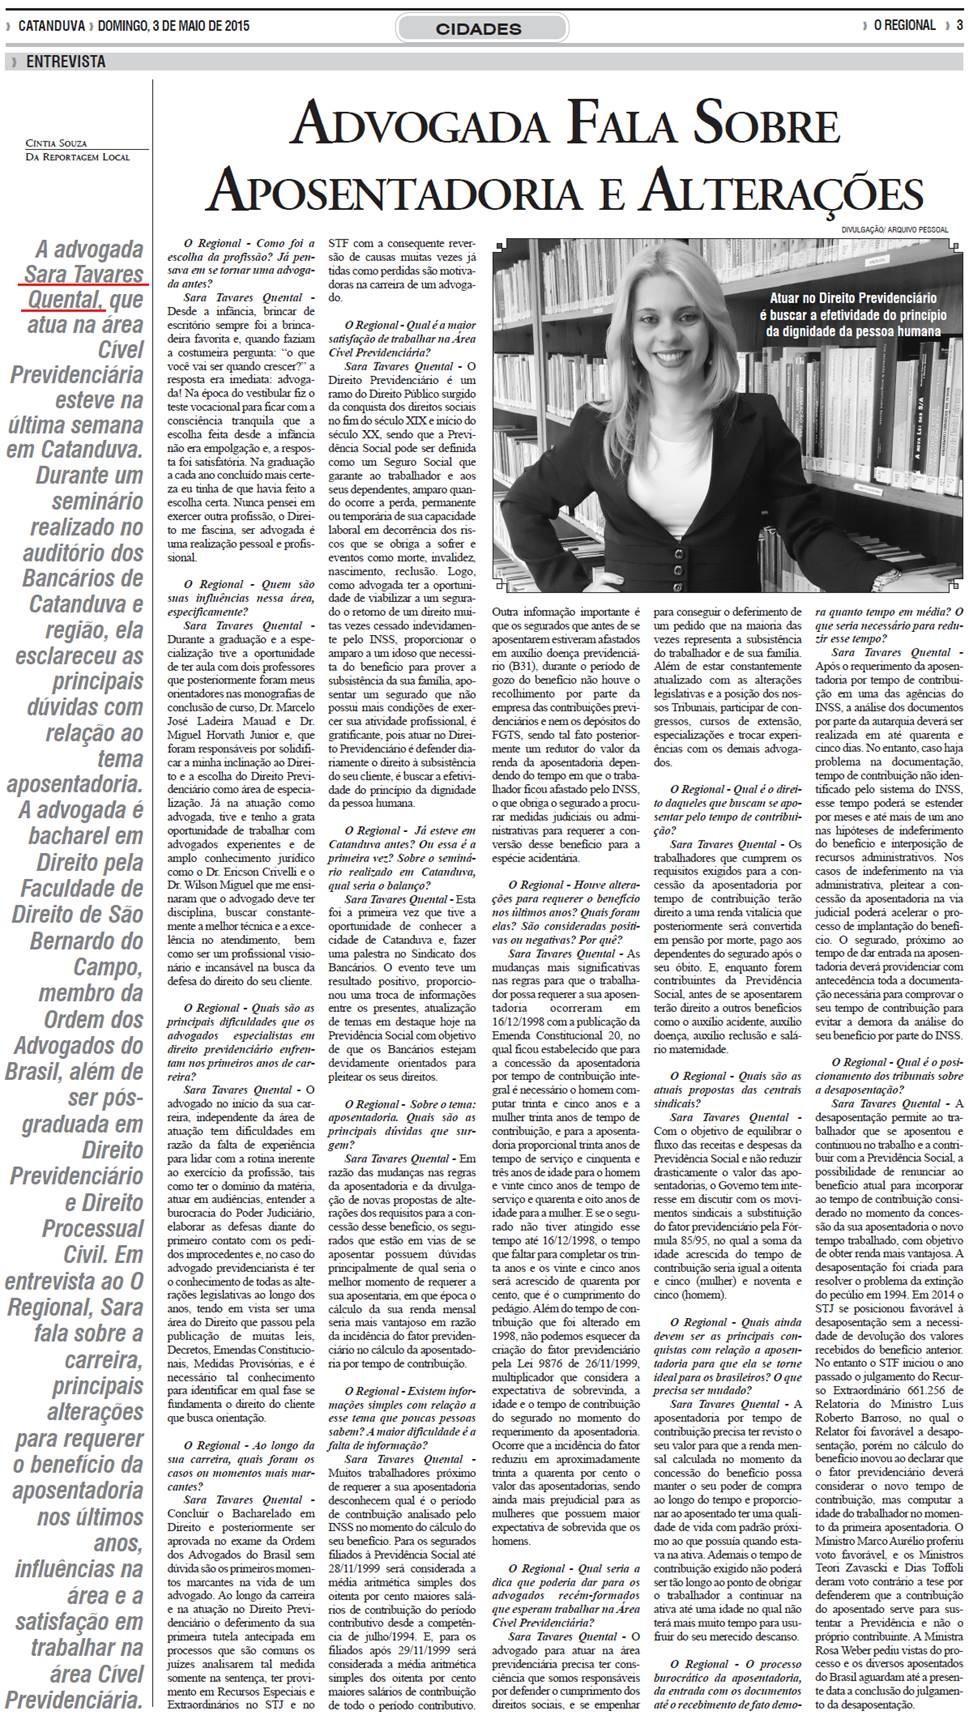 Advogada fala sobre aposentadoria e alterações